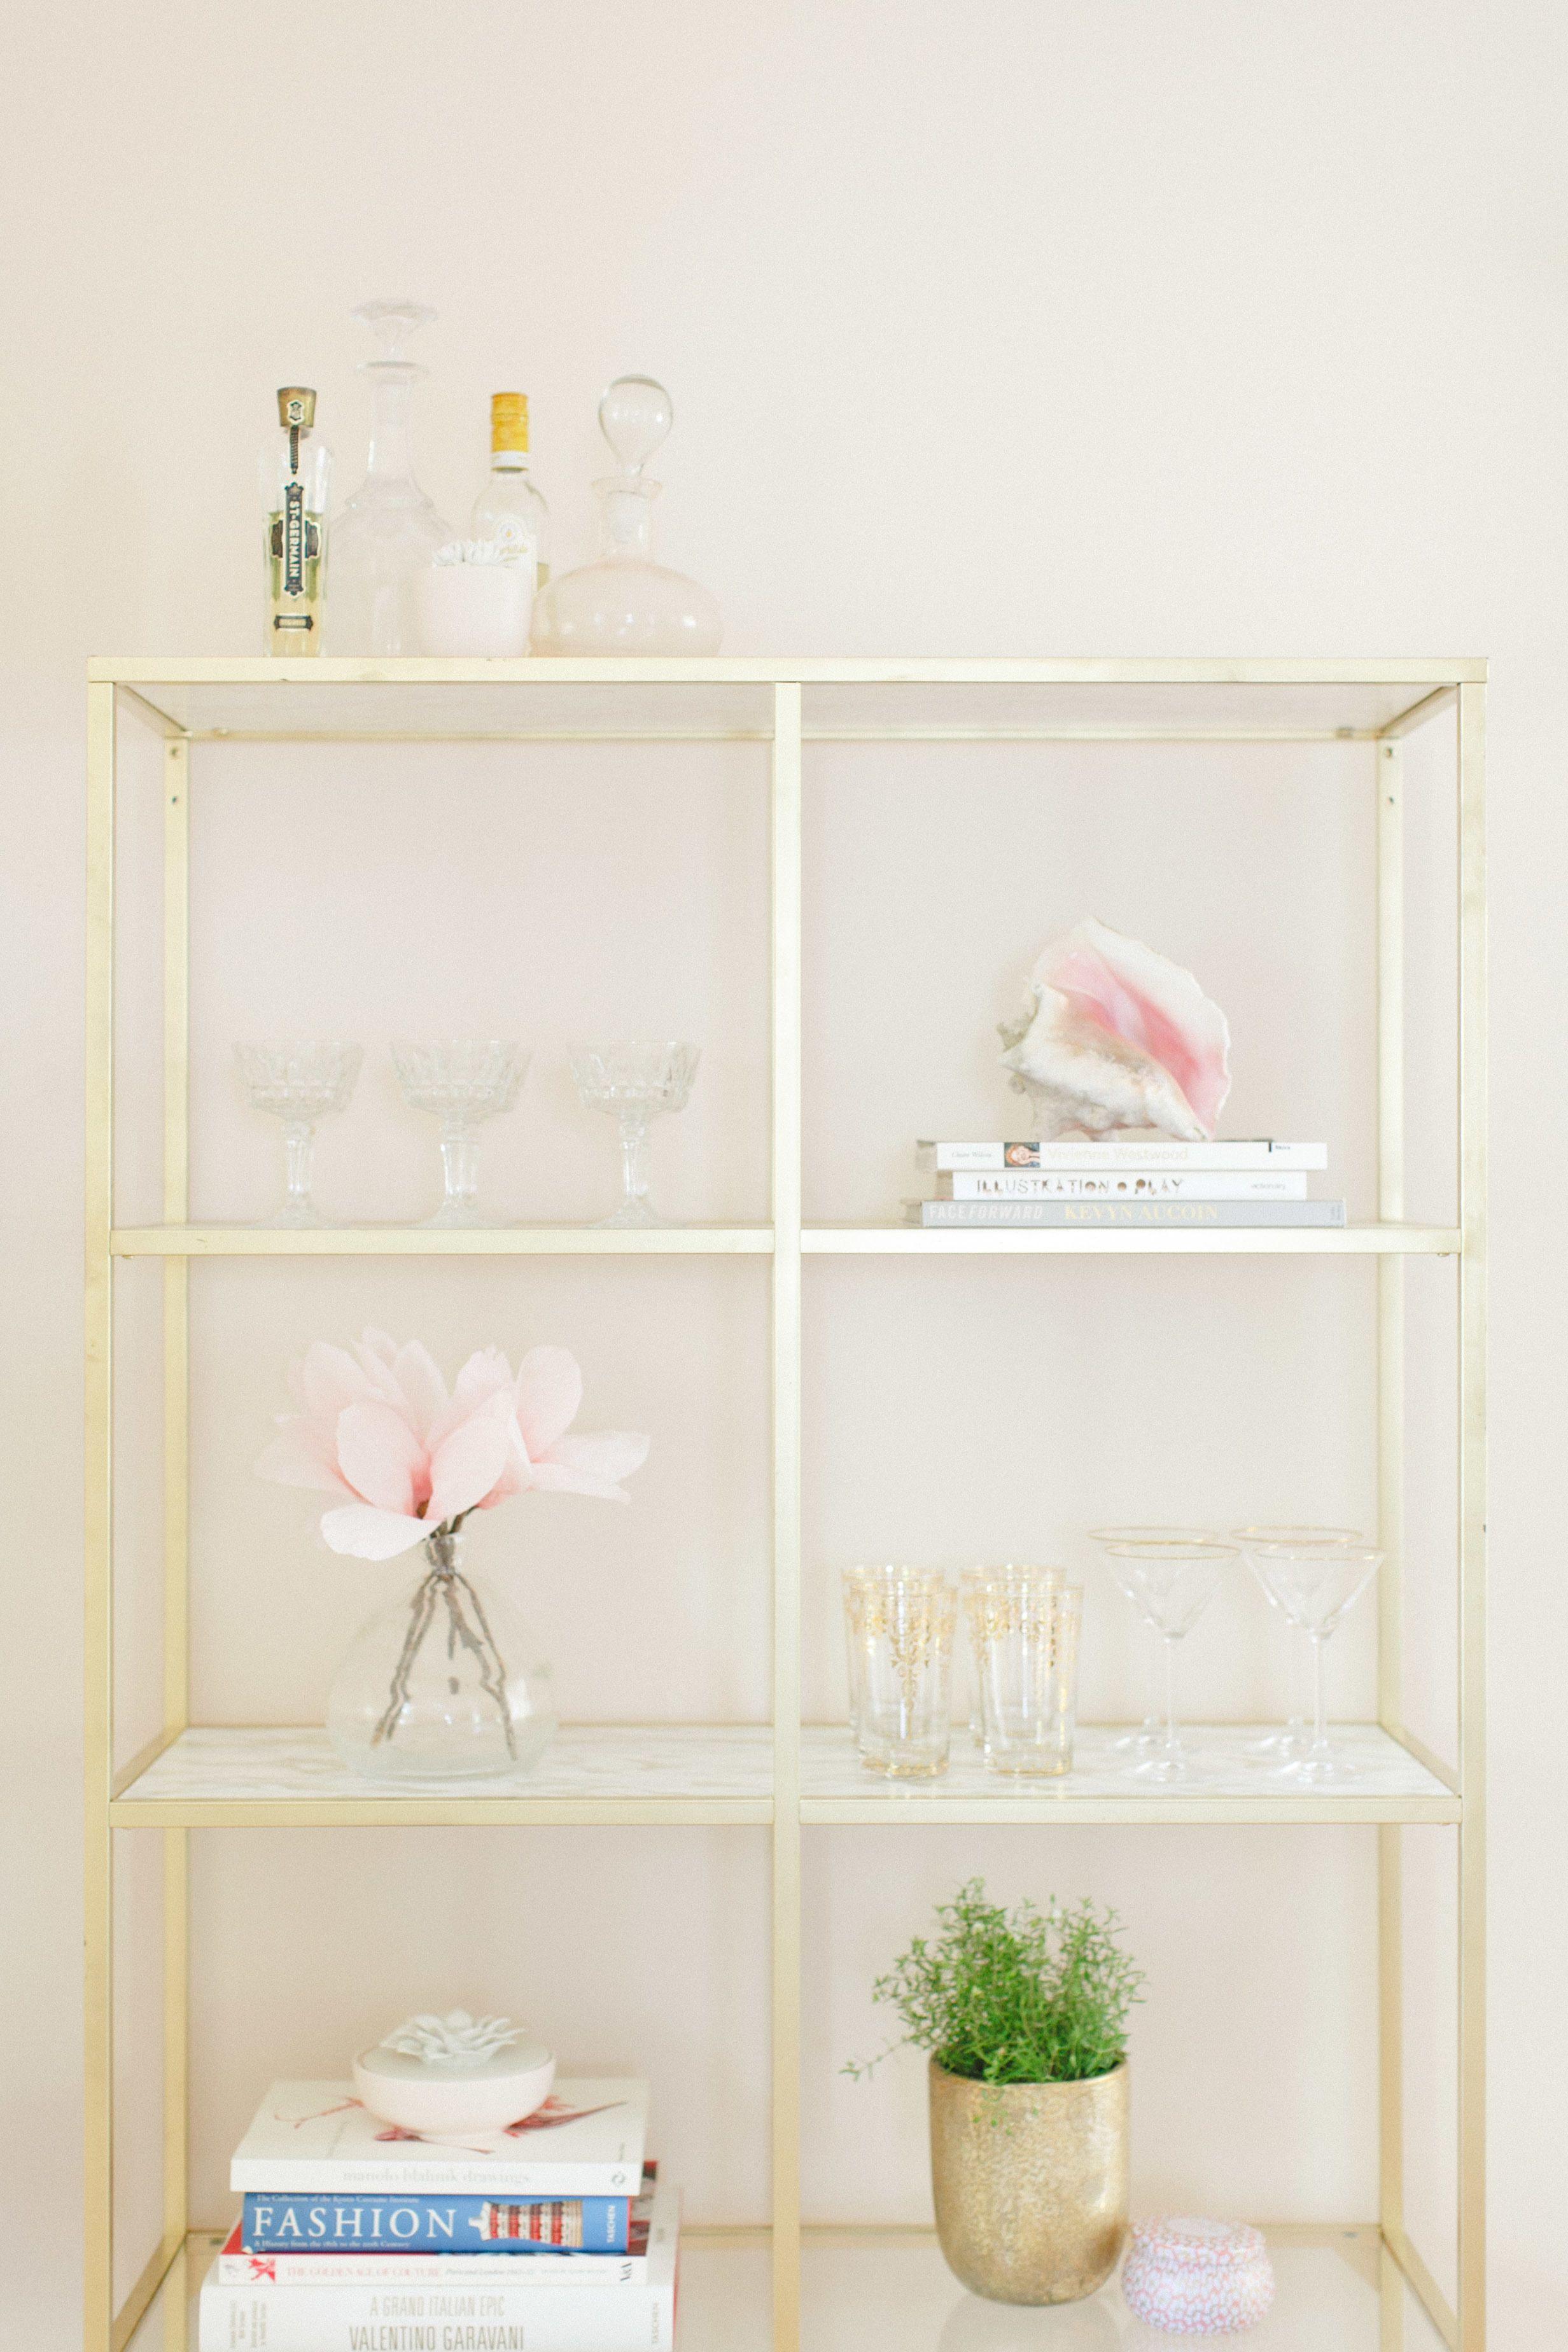 Teavana iced tea bar giveaway ikea hack shelves and marble shelf